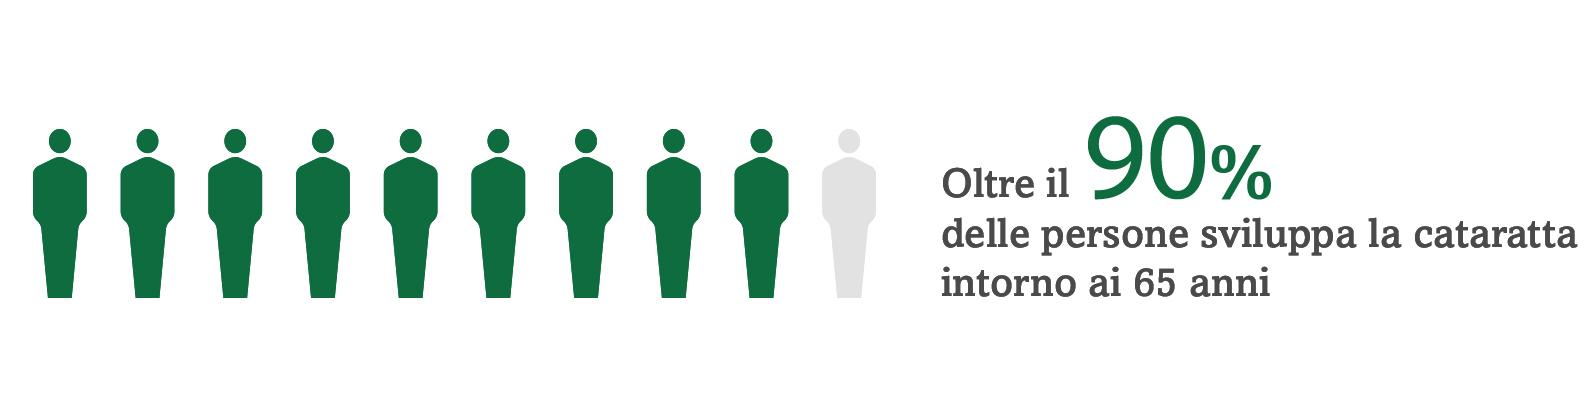 L'immagine di 9 persone su 10 è evidenziata per illustrare che il 90% delle persone sviluppa le cataratte intorno ai 65 anni